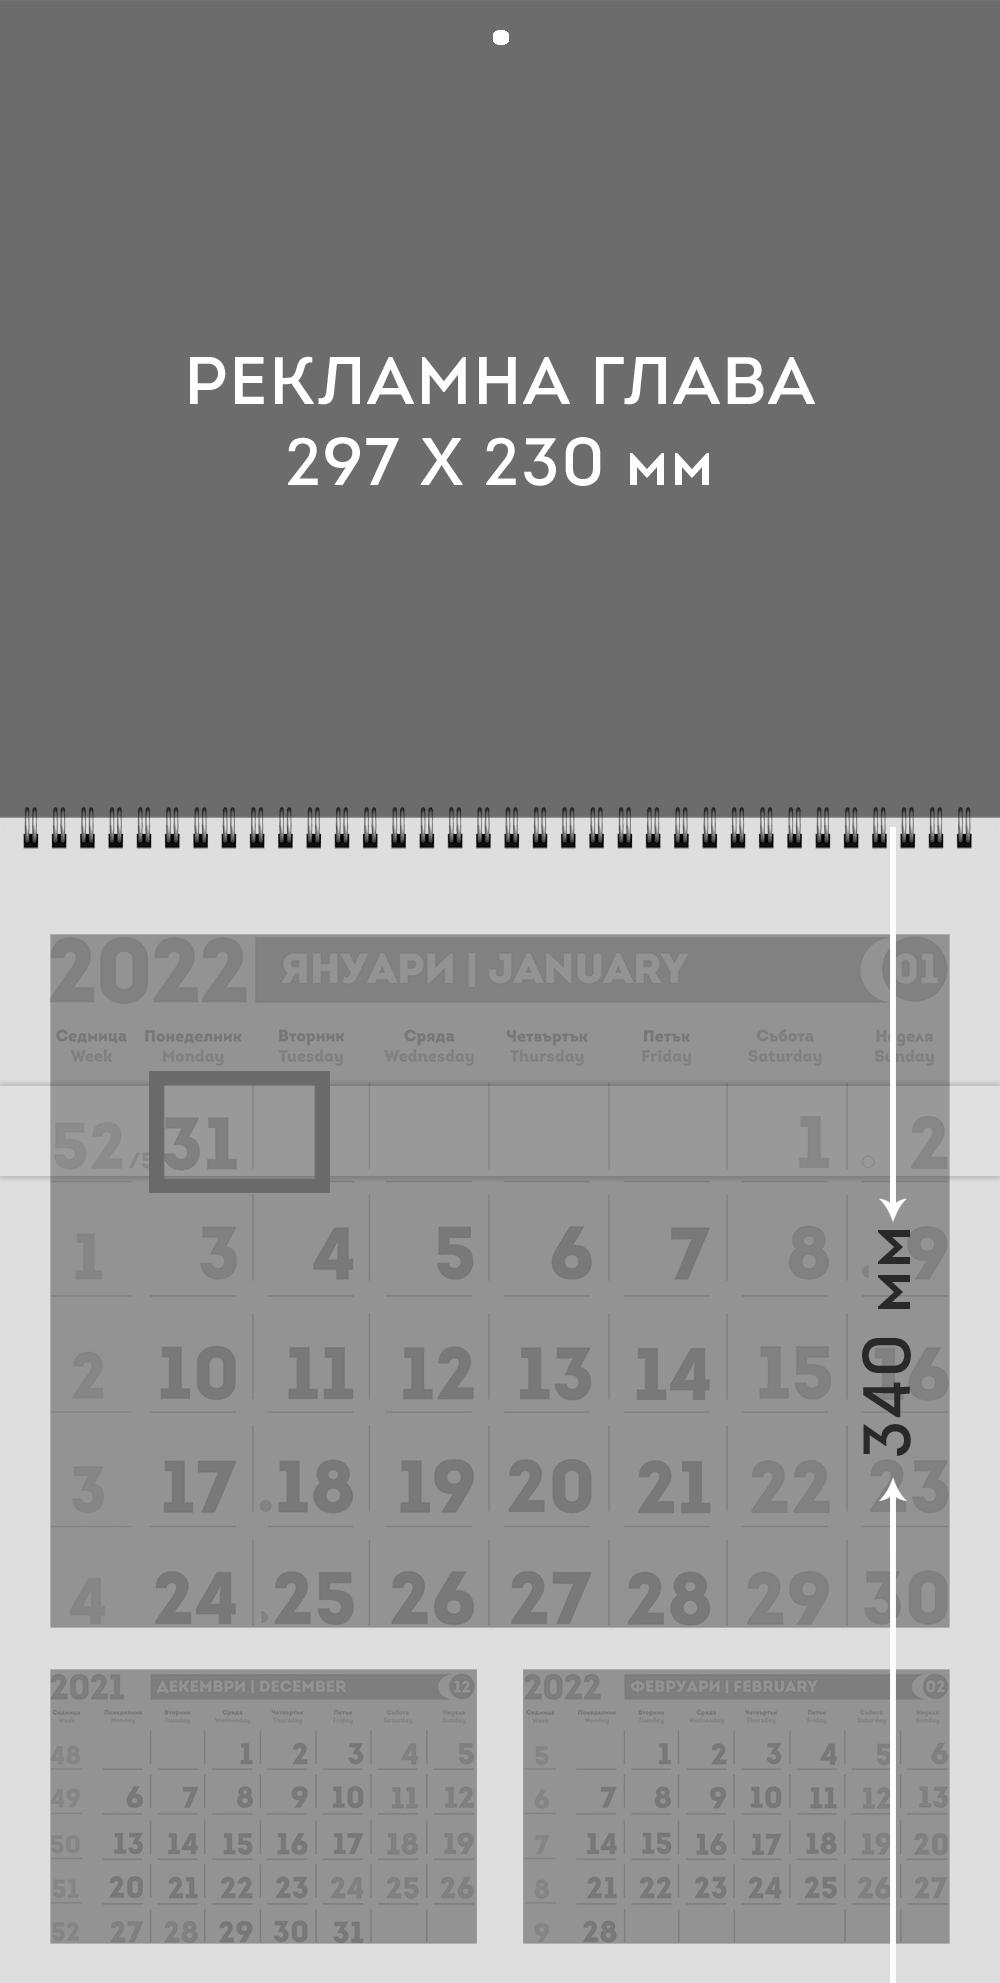 Работен календар | QR Media Ltd